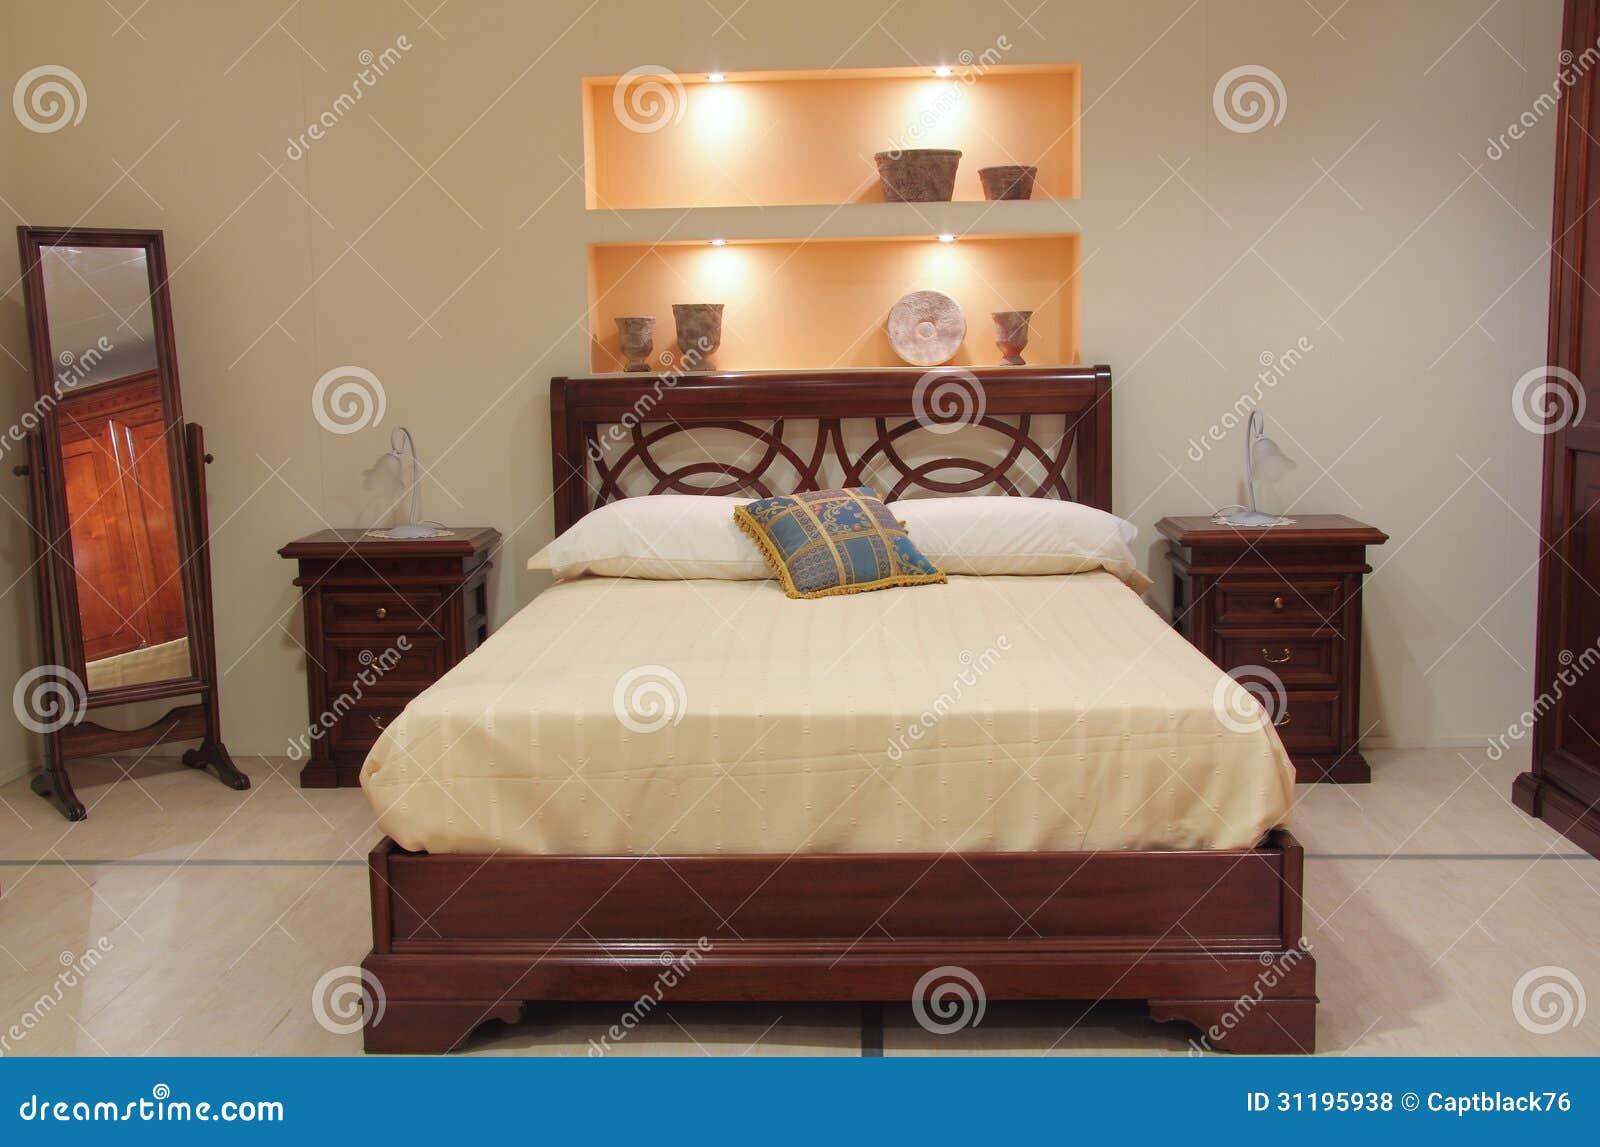 Chambre coucher classique avec les meubles en bois l gants photos libres de droits image for Les chombre a coucher